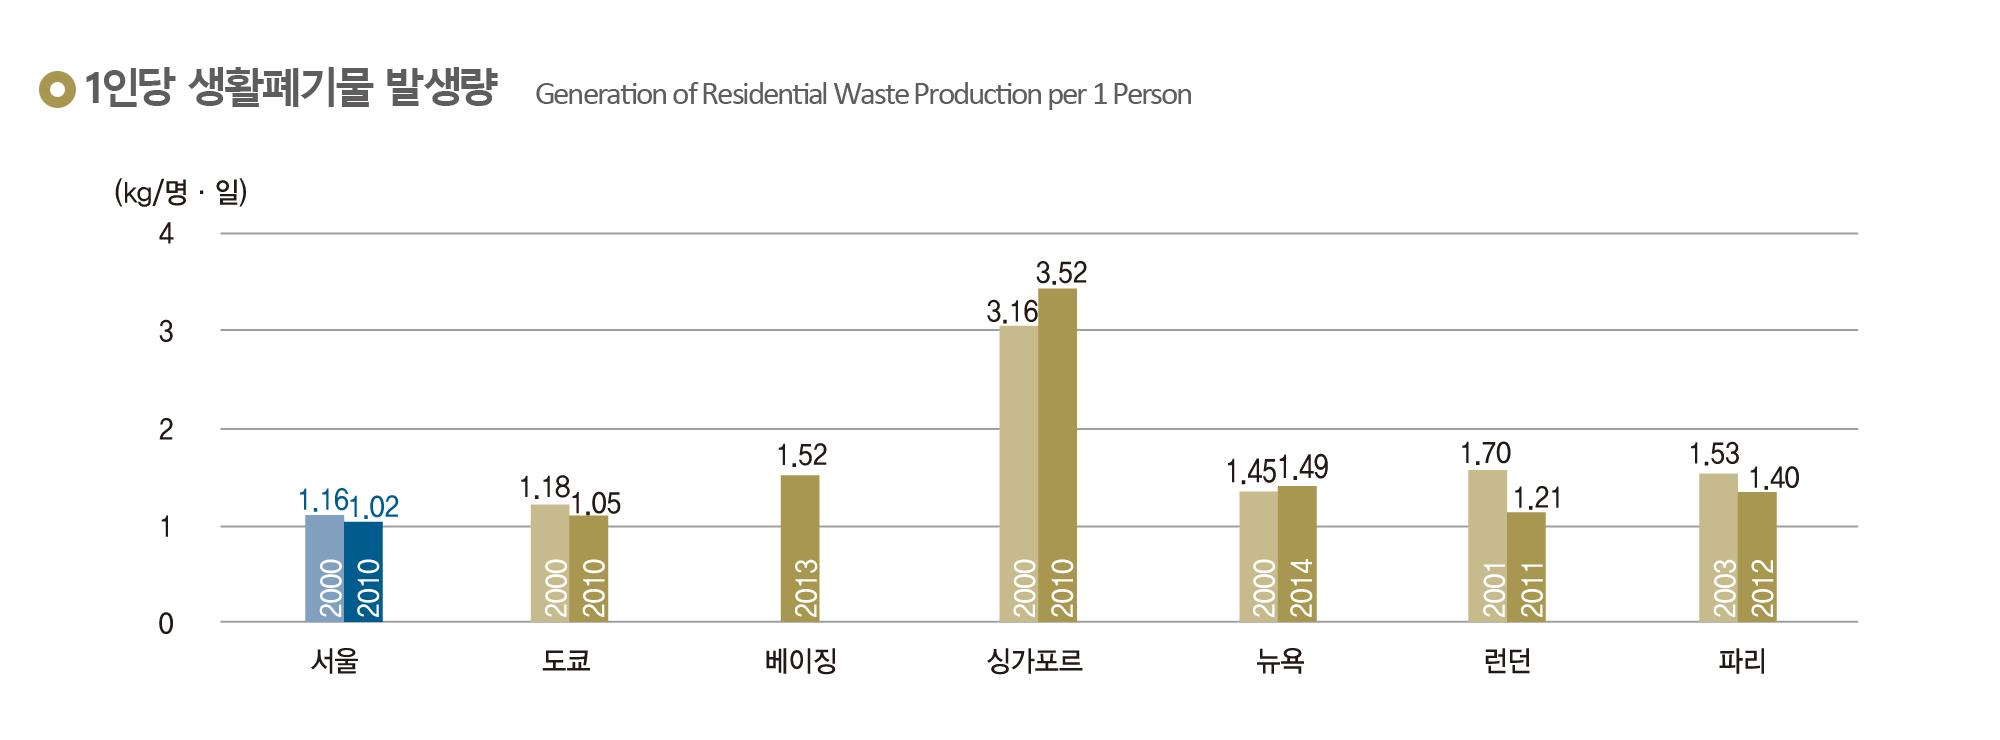 1인당 생활폐기물 발생량